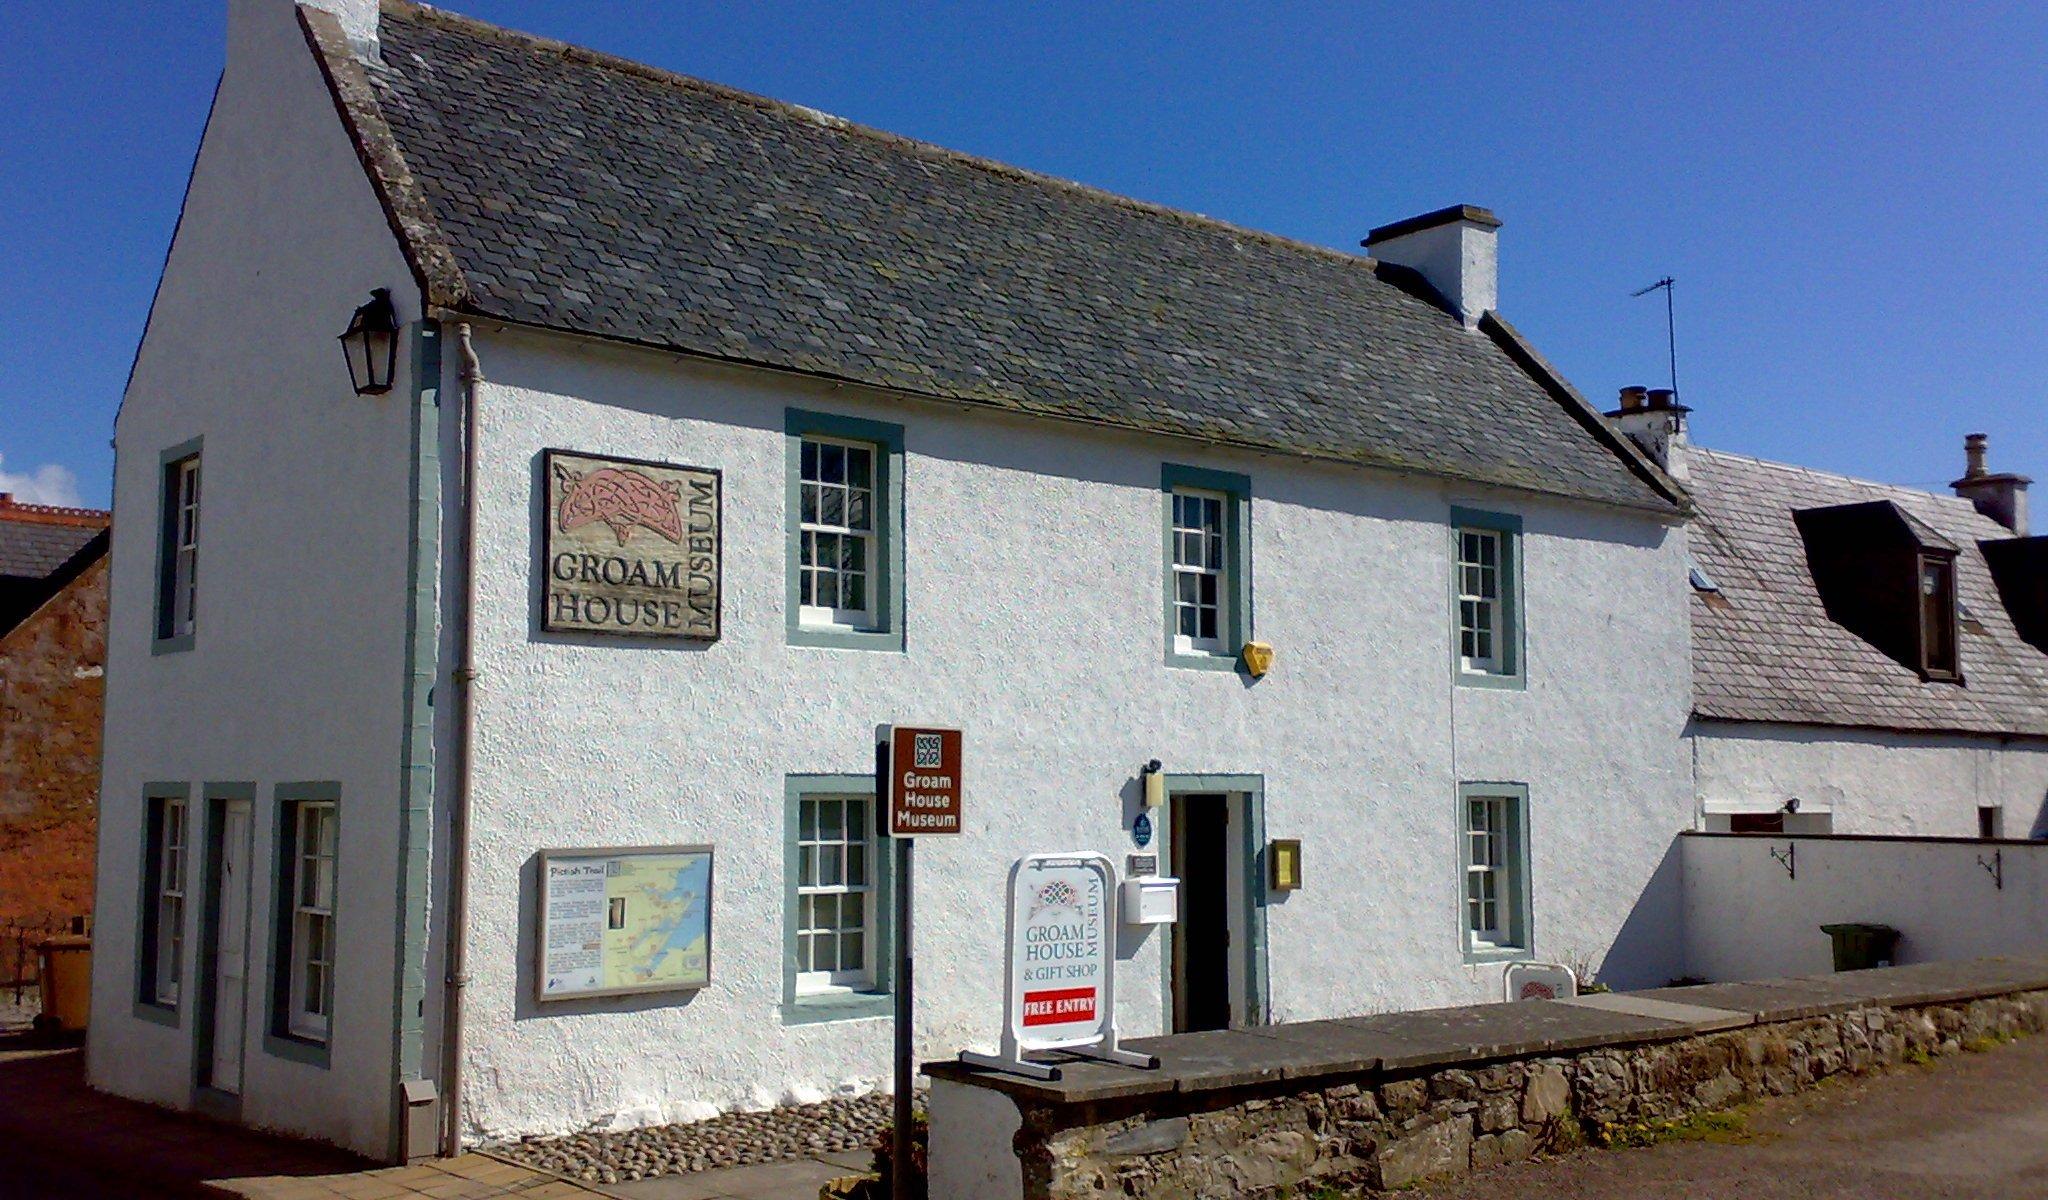 Groam_House_Museum_exterior